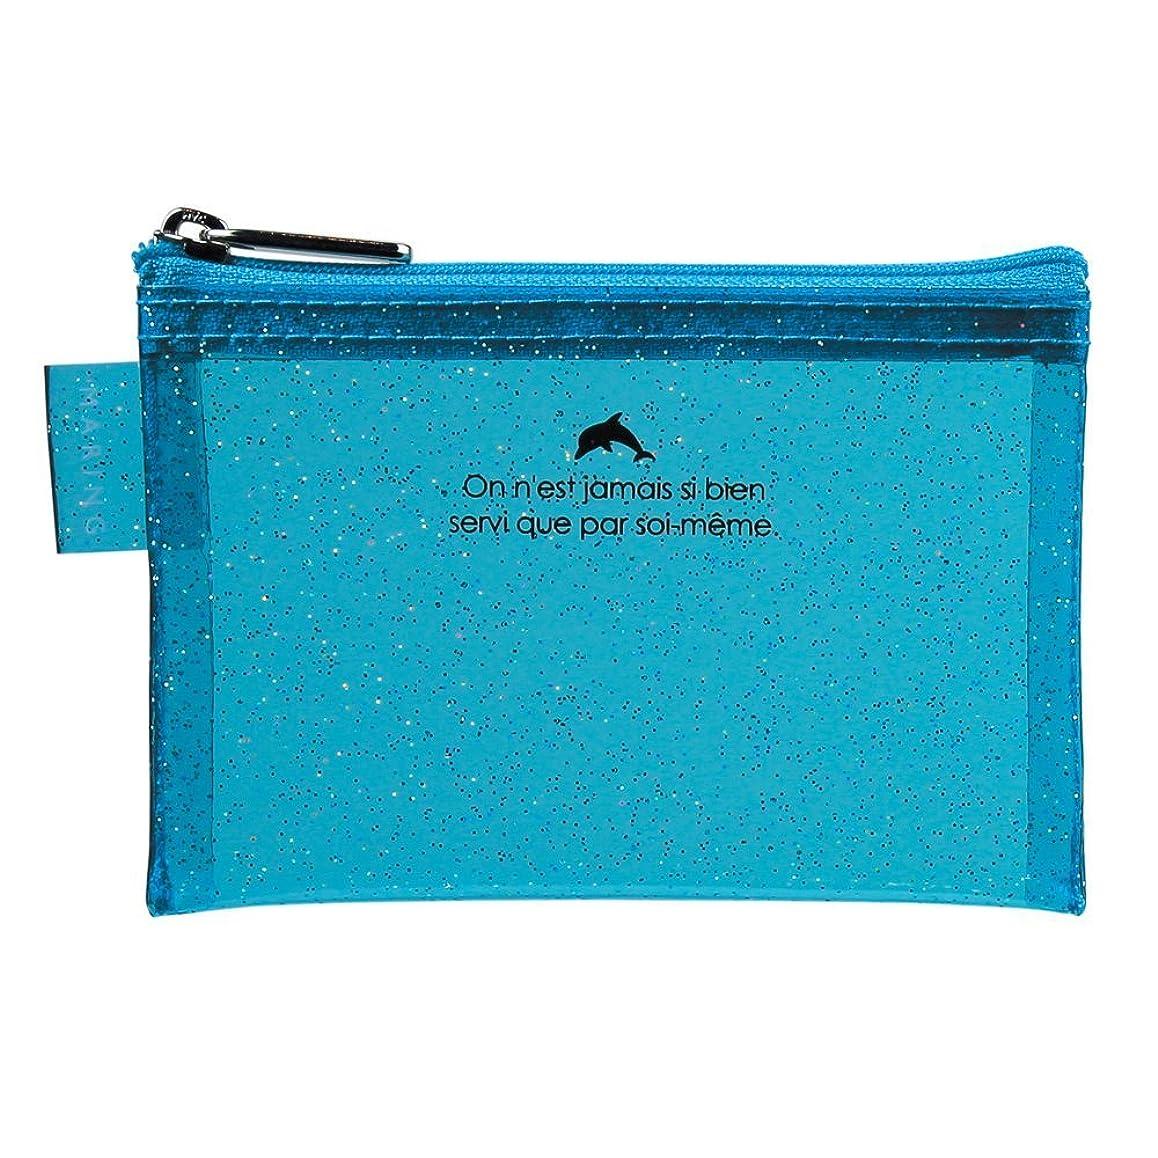 意義昼食演劇セキセイ マリング ポーチ デコチラ CARDサイズ ブルー MR-1730-10 【まとめ買い5冊セット】